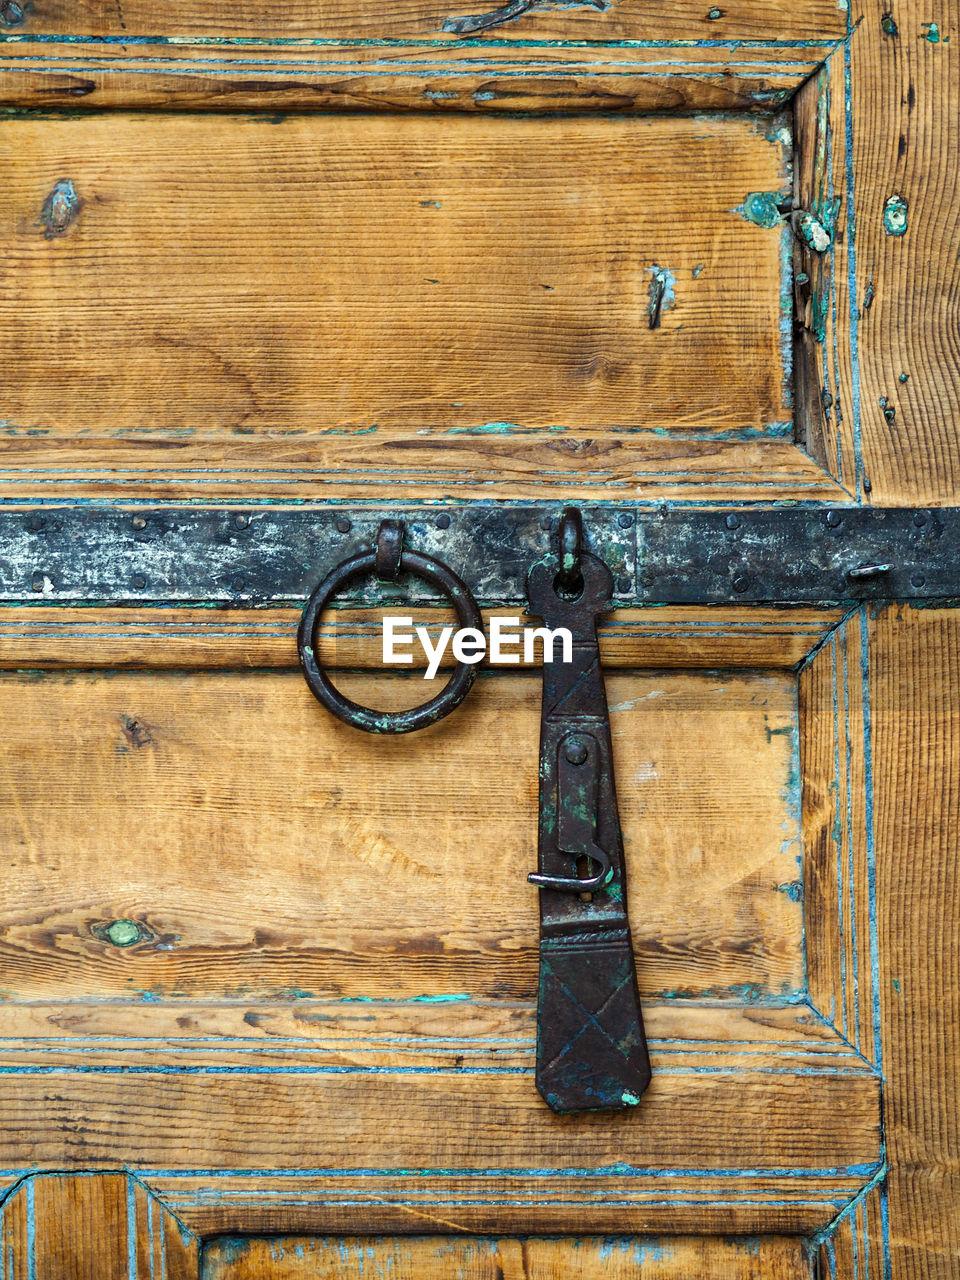 Metallic Latch And Door Knocker On Old Wooden Door